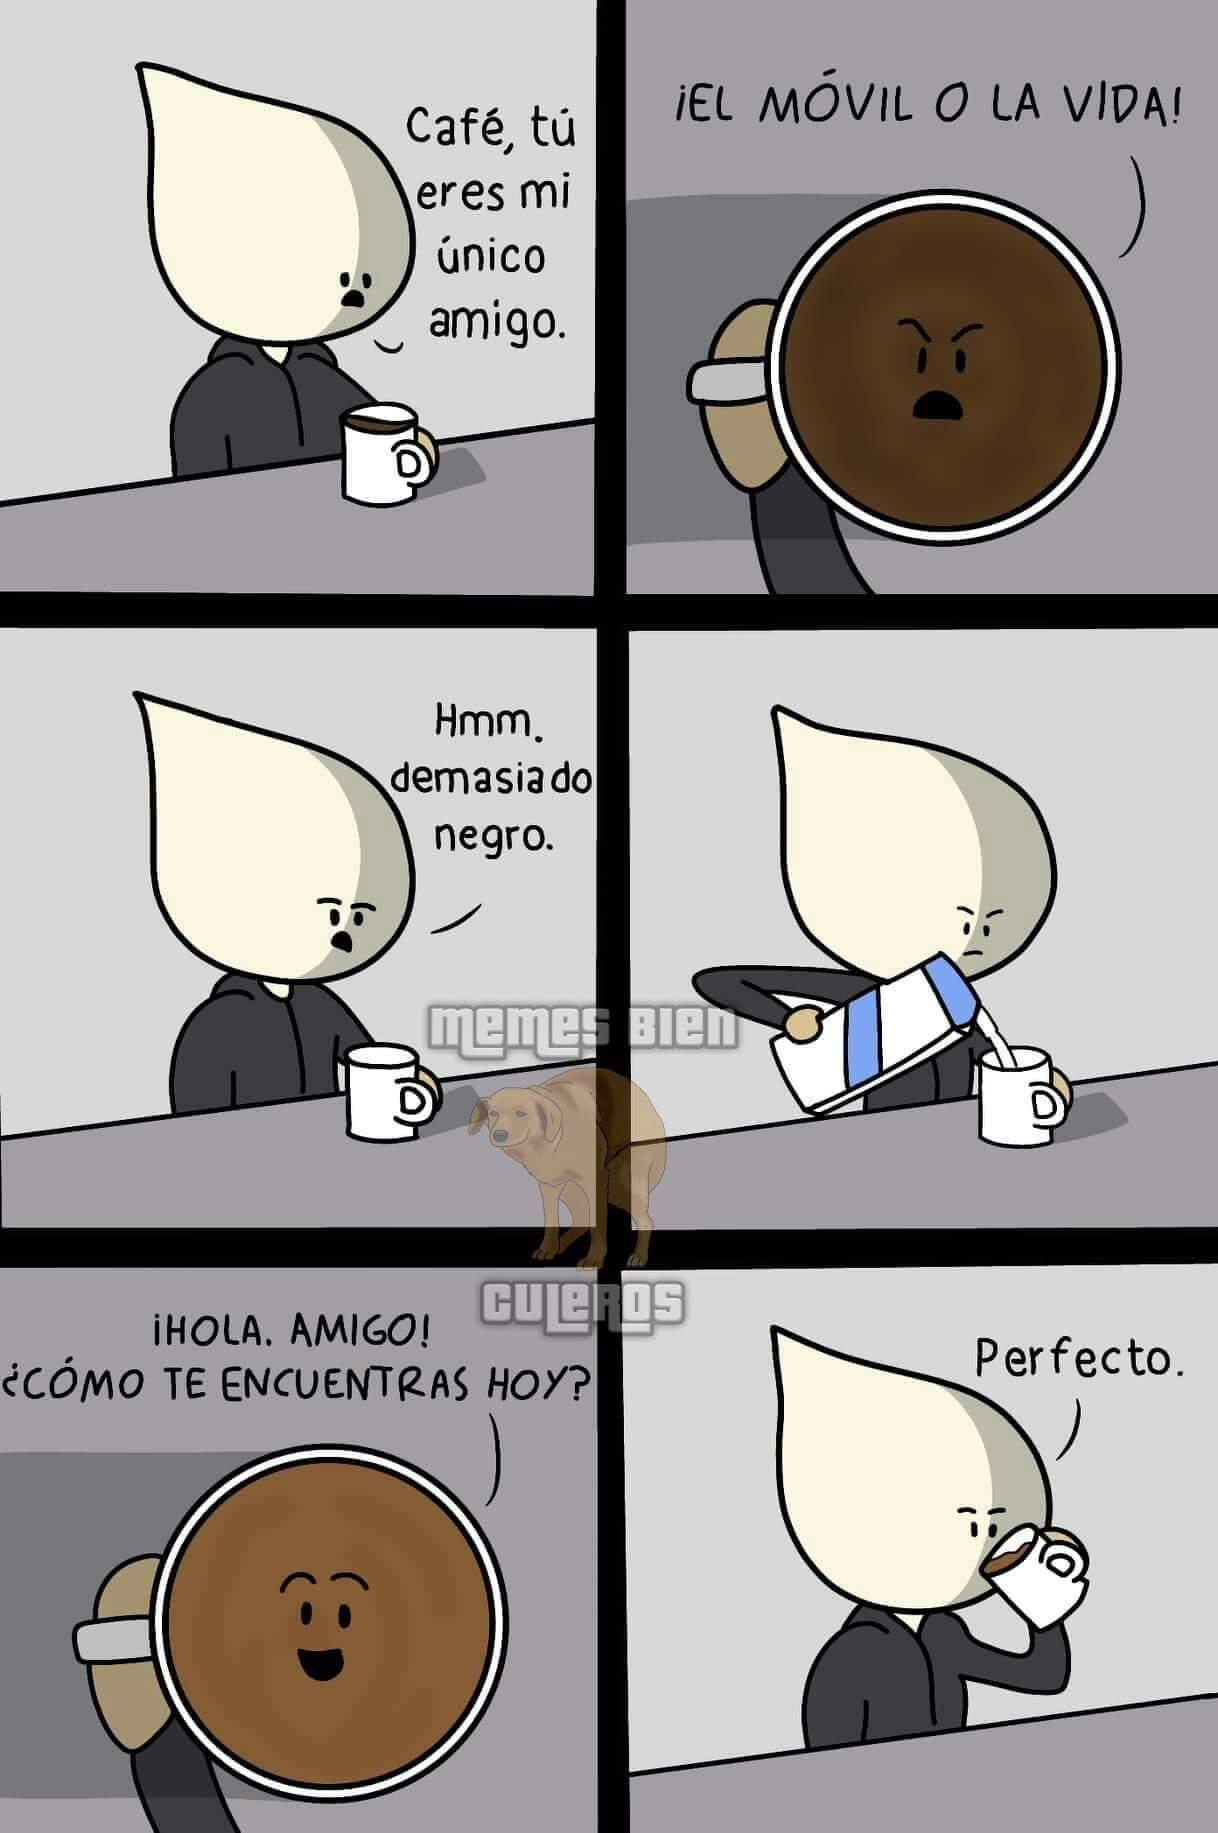 Café negro - meme